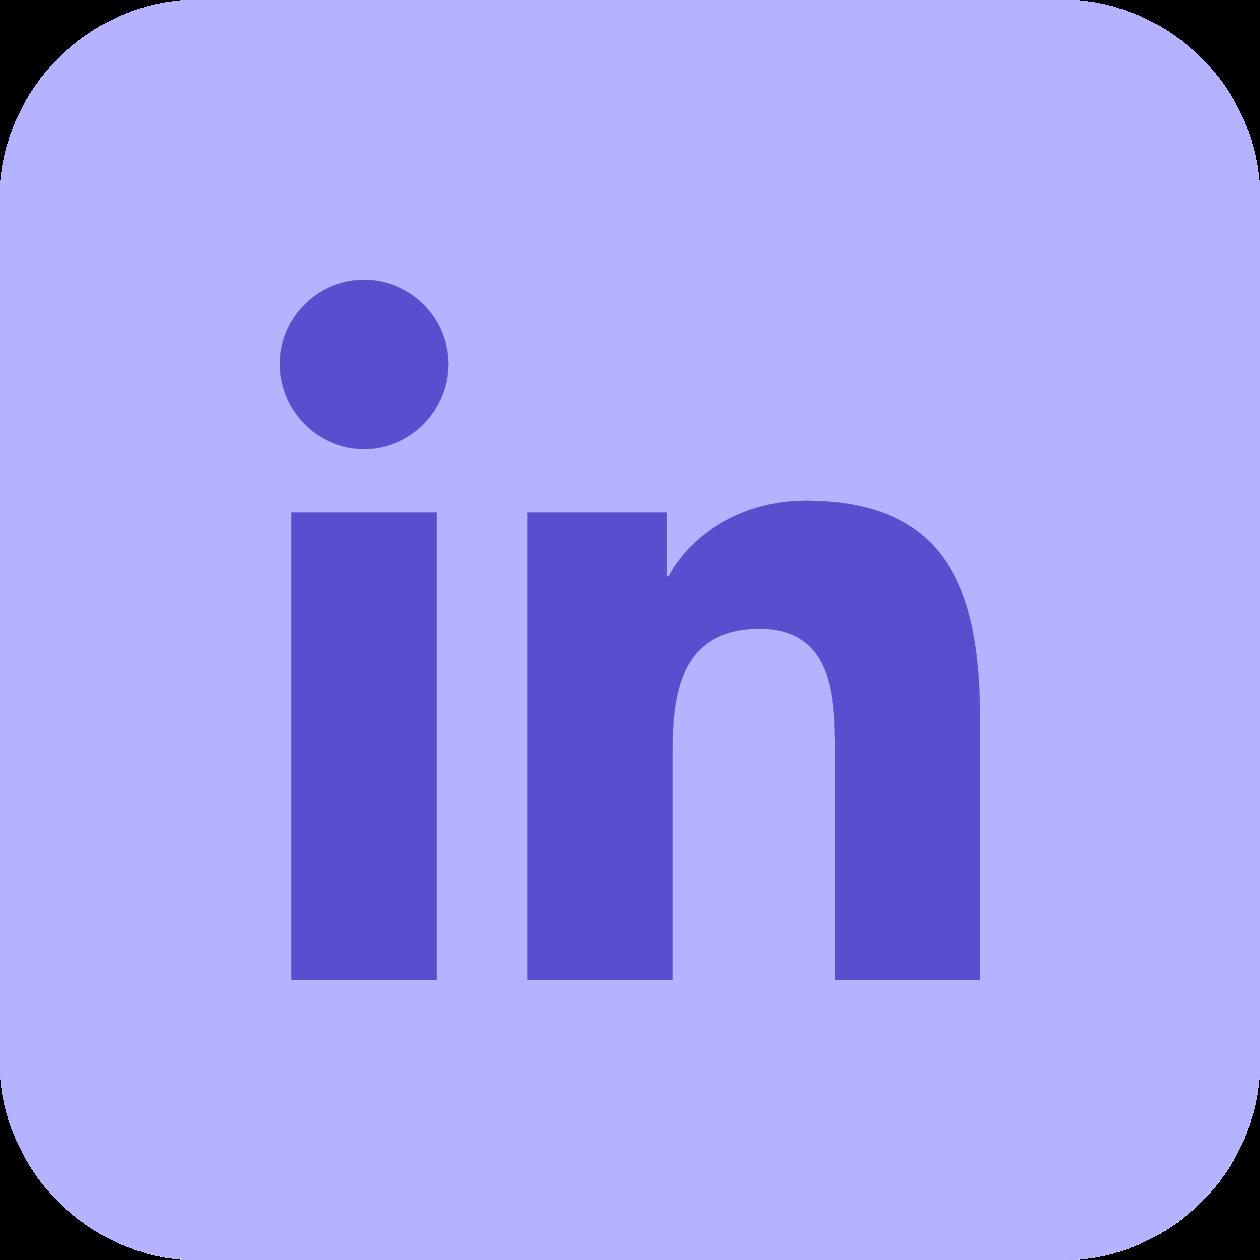 Prospect on LinkedIn using Data Chroma